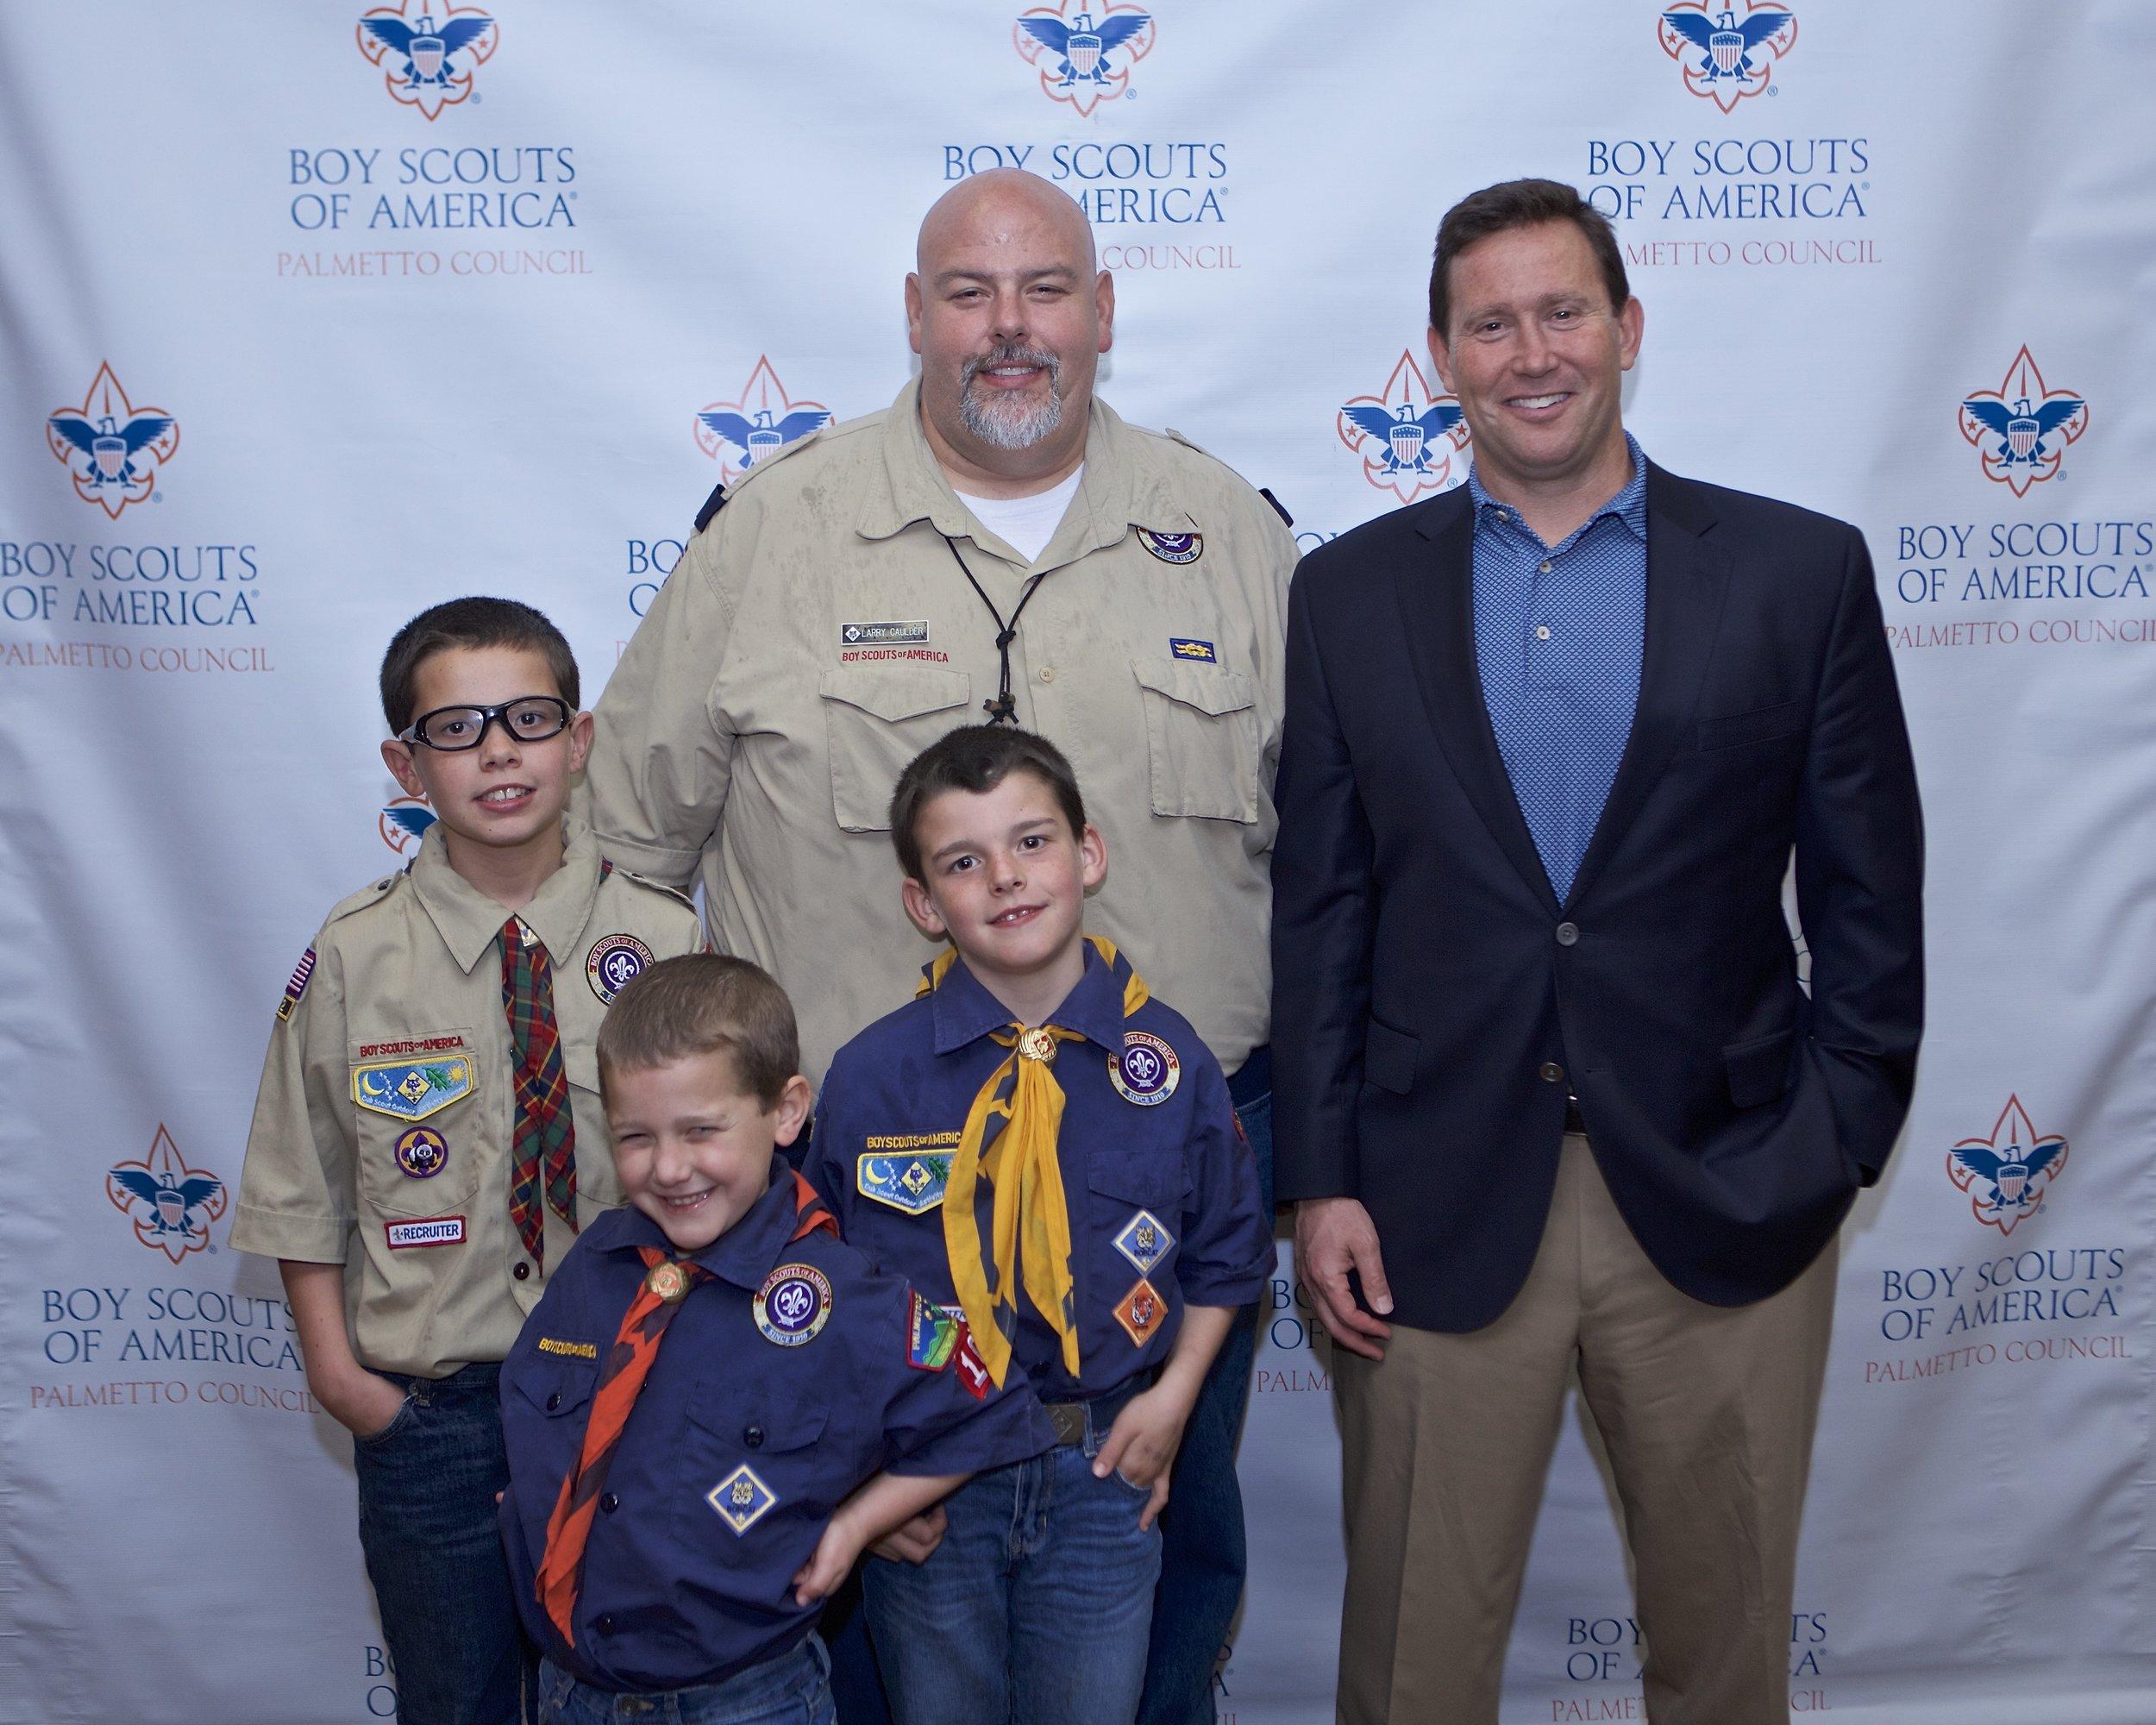 Boy Scouts_070.jpg